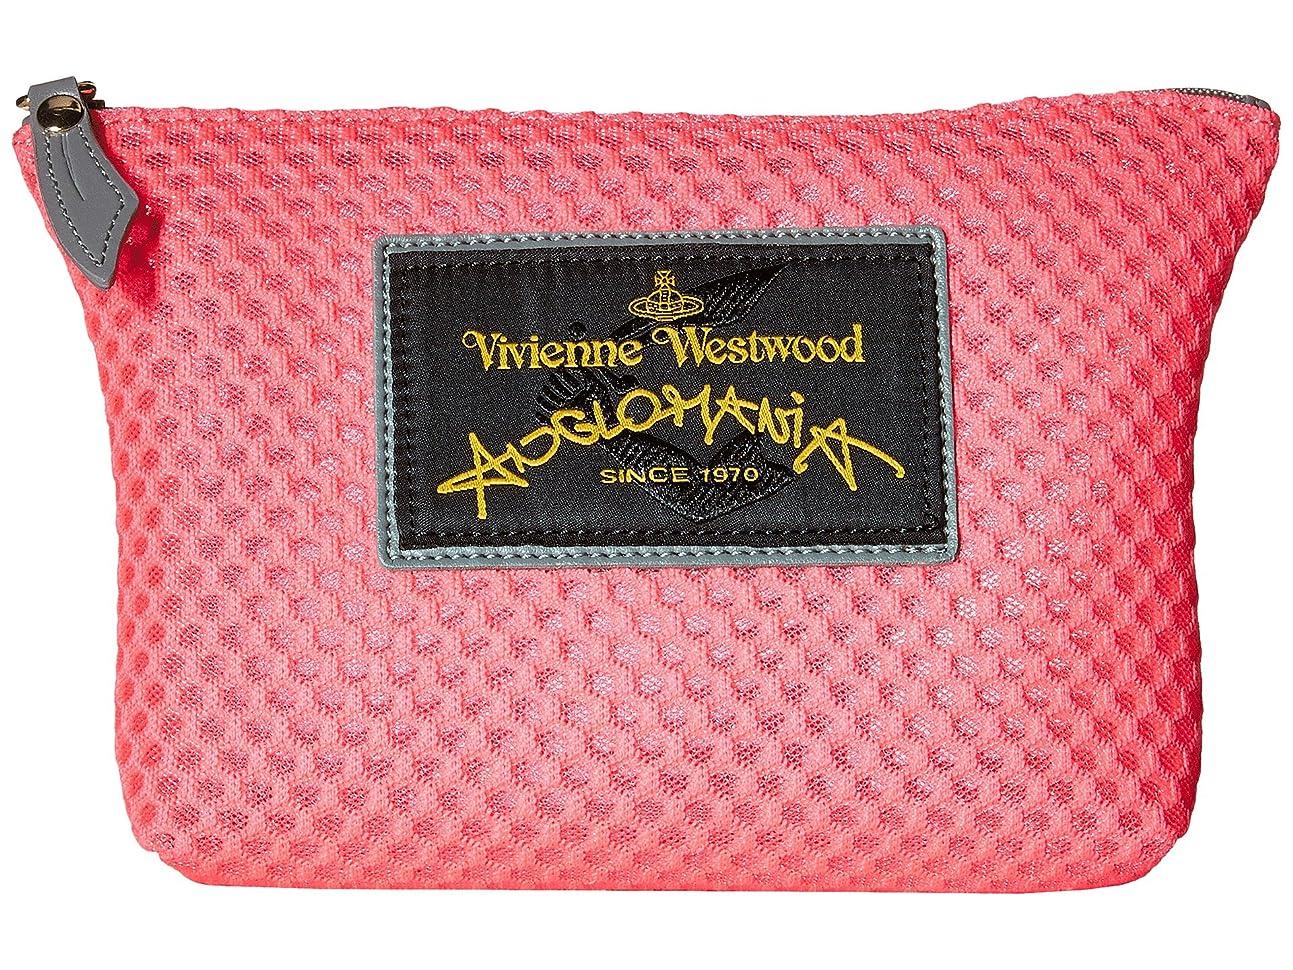 言い換えるとあなたは名義で[ヴィヴィアン ウエストウッド] Vivienne Westwood レディース Charms Make Up Bag ラケッジ Fuchsia [並行輸入品]